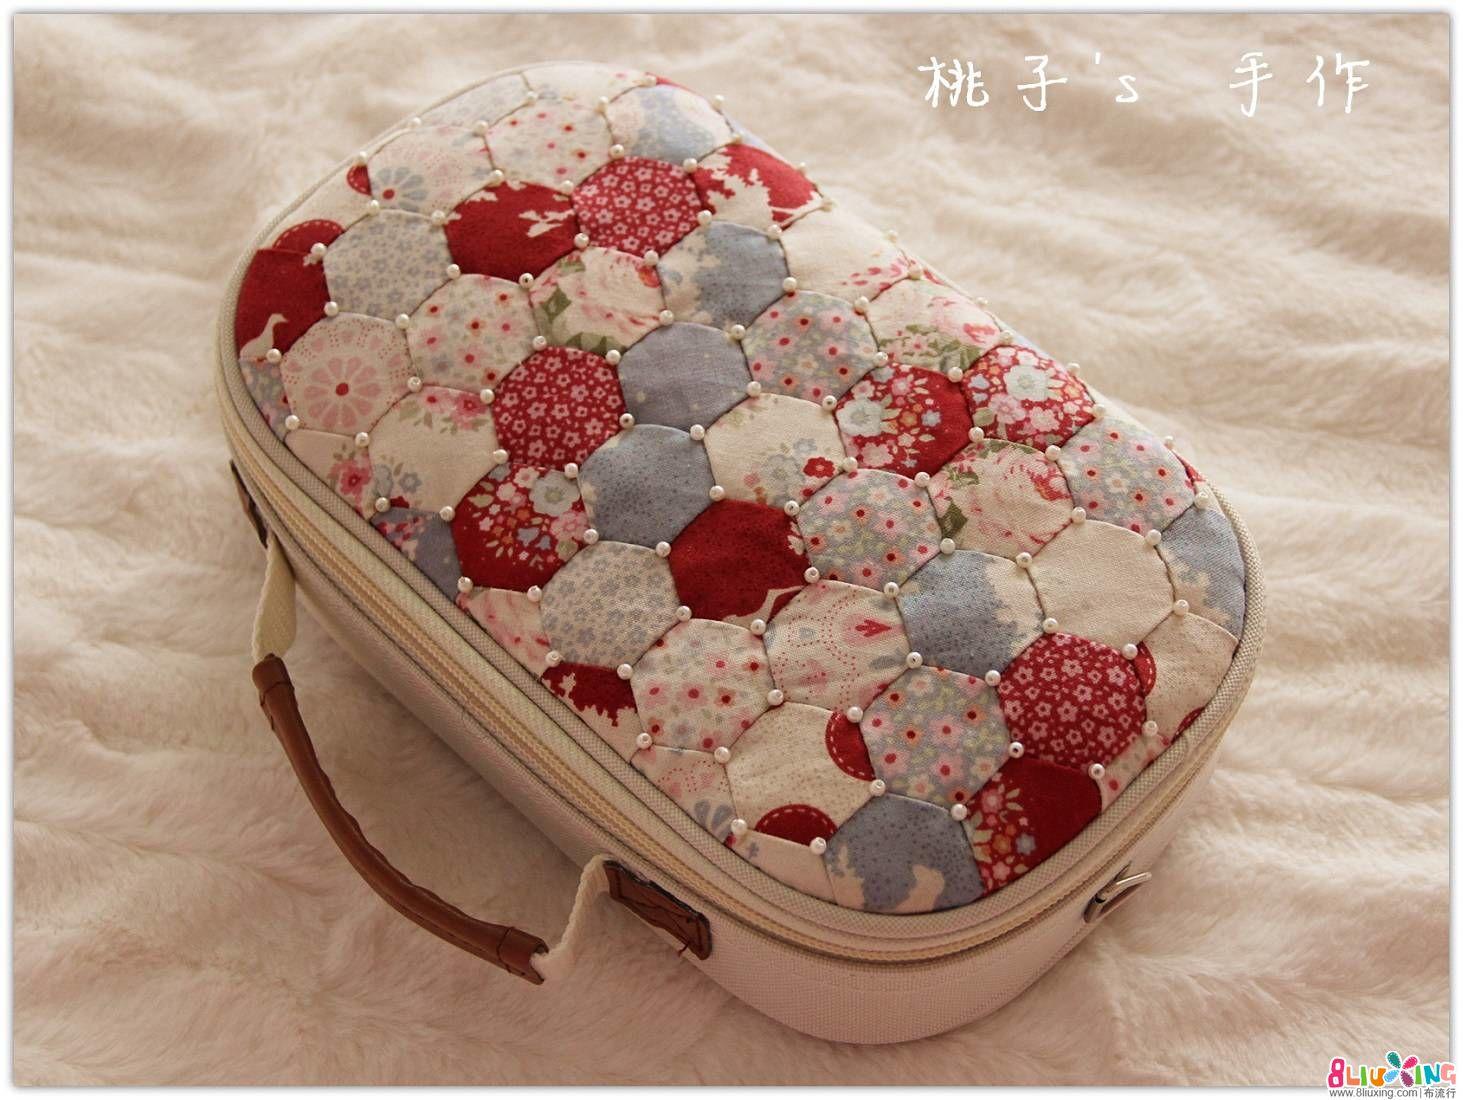 『桃子's 手作』Tilda-Sweetheart 甜美系 祖母拼布工具包